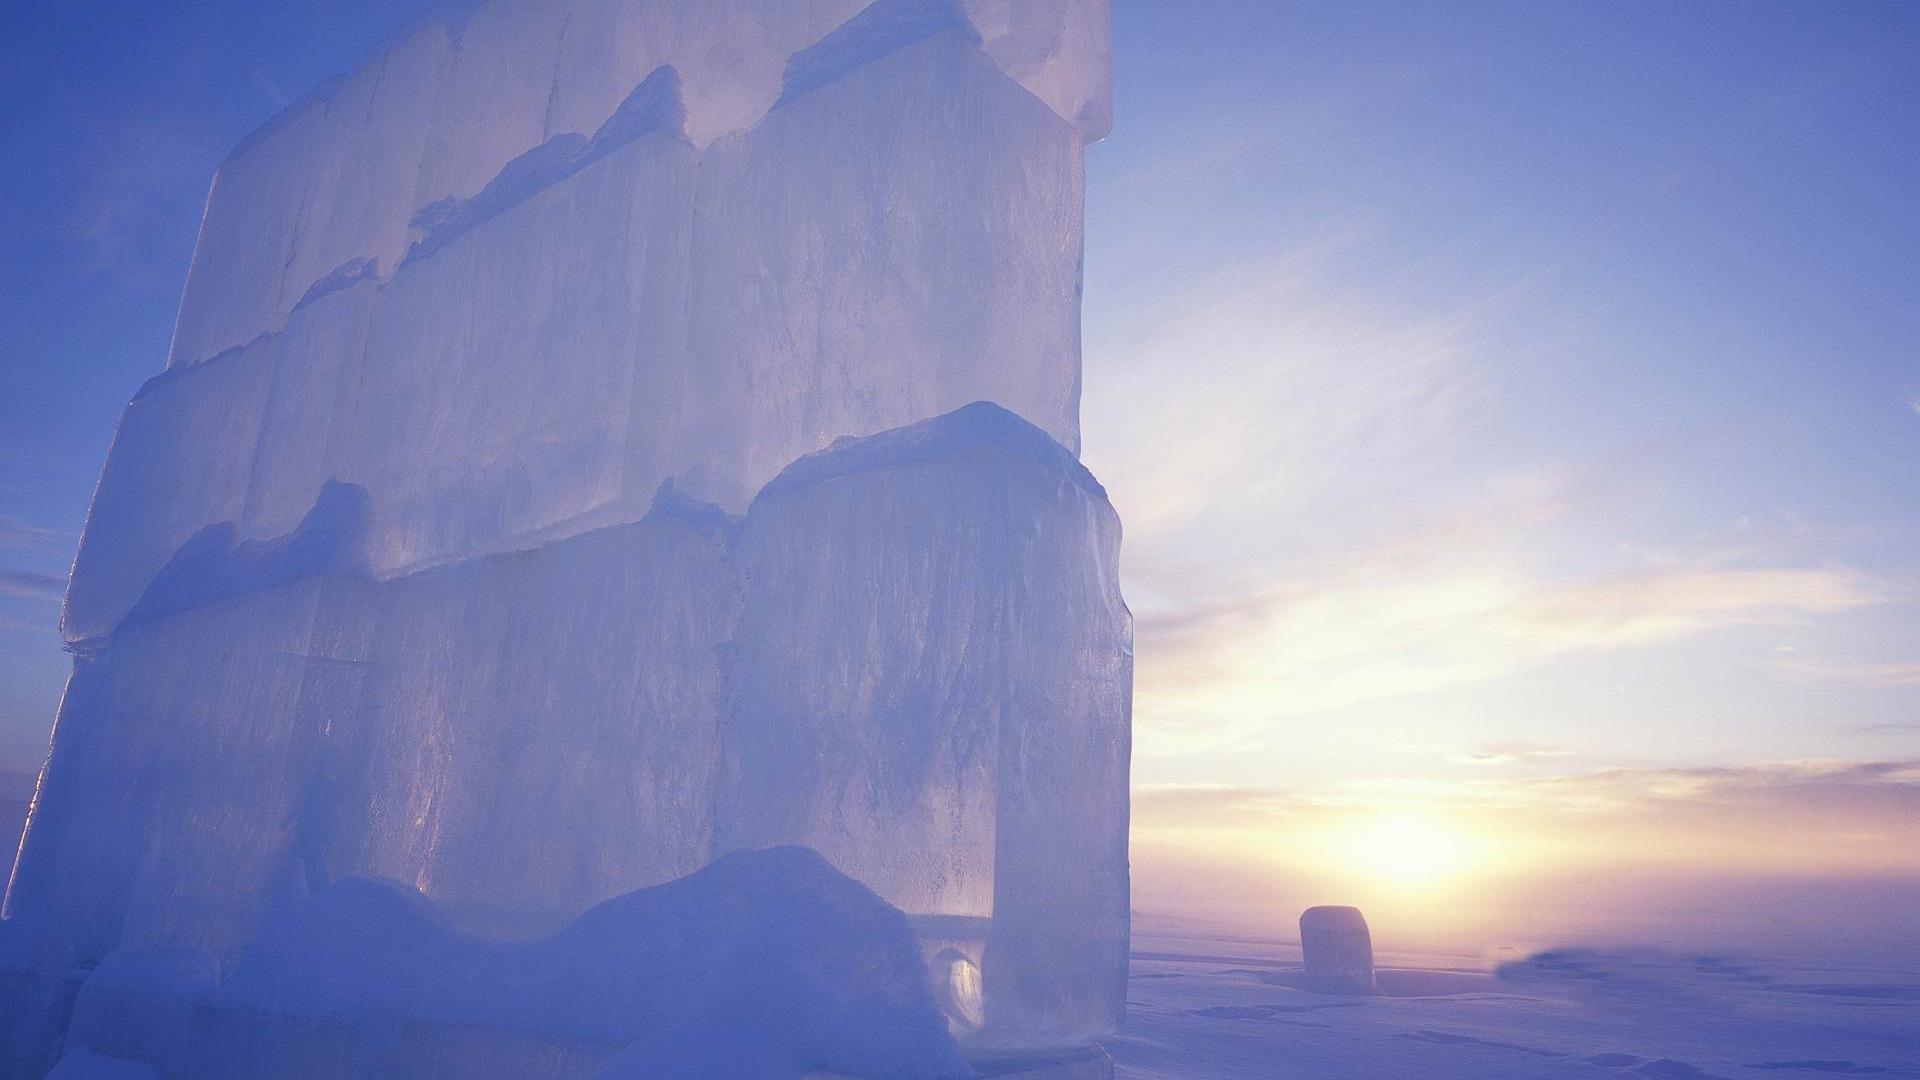 Ice_Castle-2012_landscape_Featured_Wallpaper_1920x1080.jpg